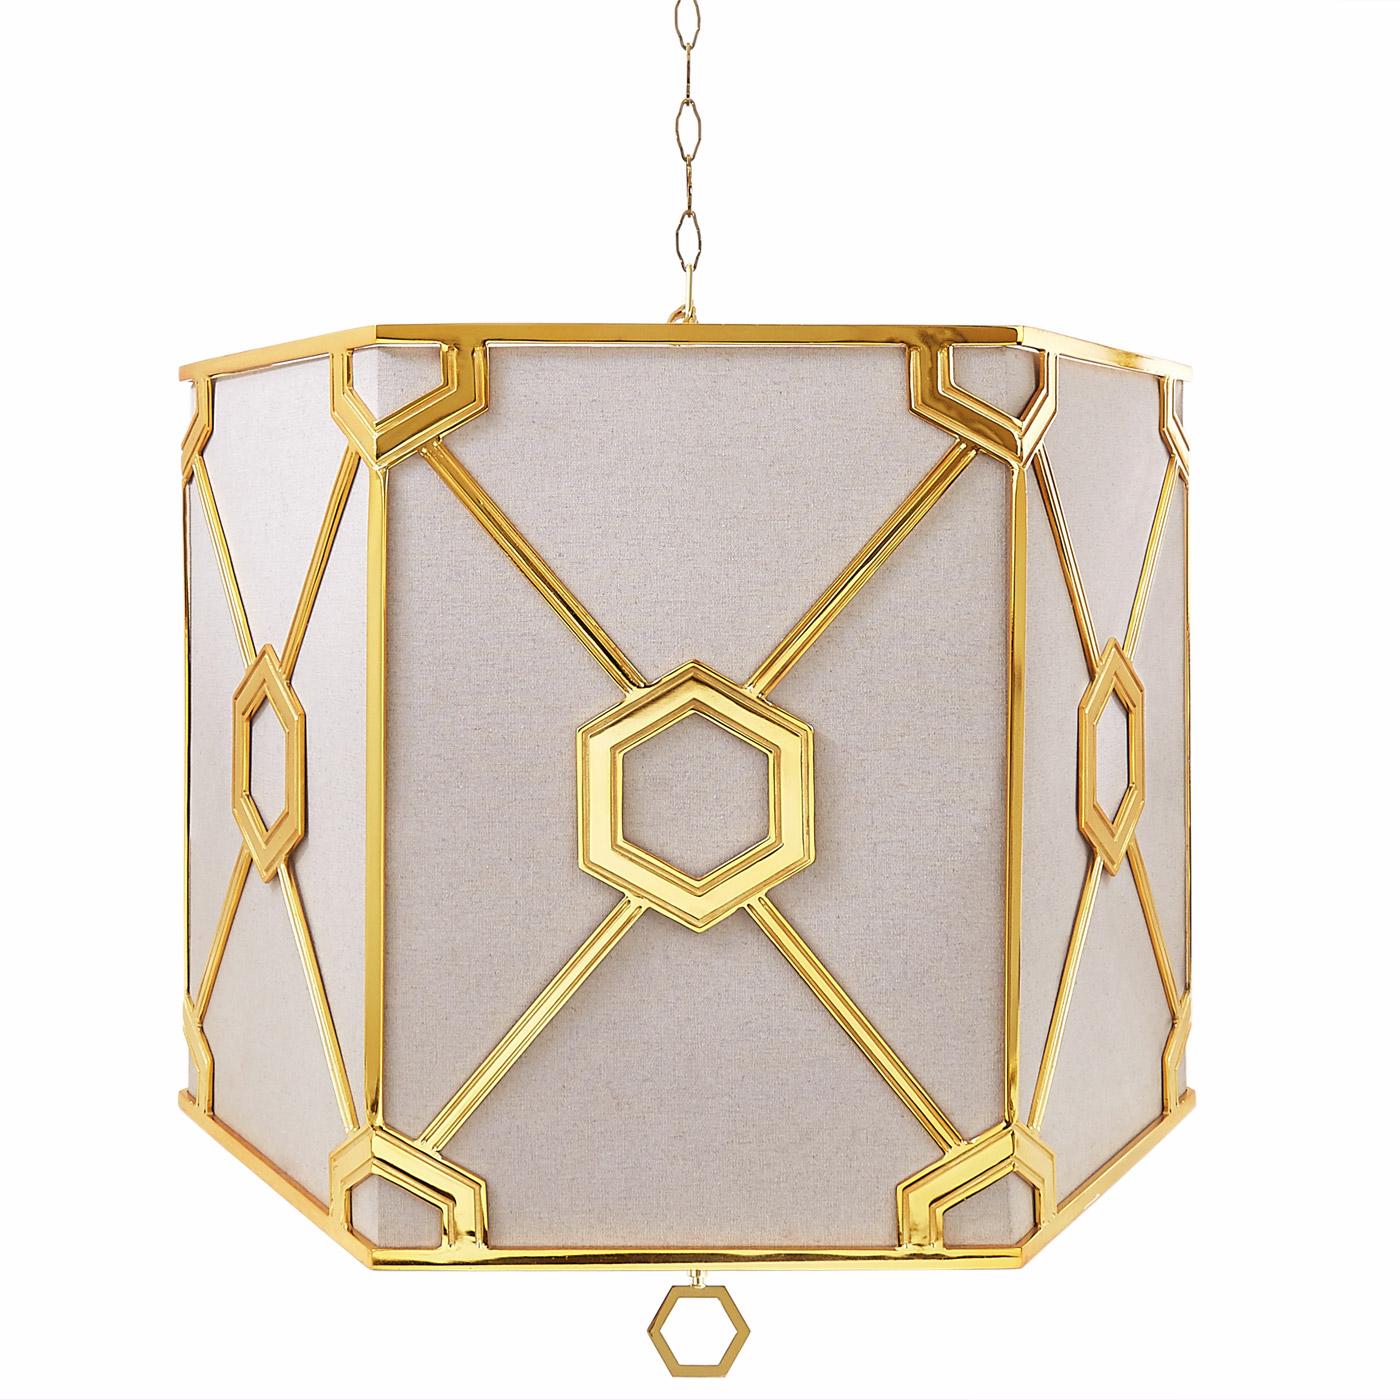 Chandelier by jonathan adler ja 18996 turner chandelier by jonathan adler ja 18996 aloadofball Image collections